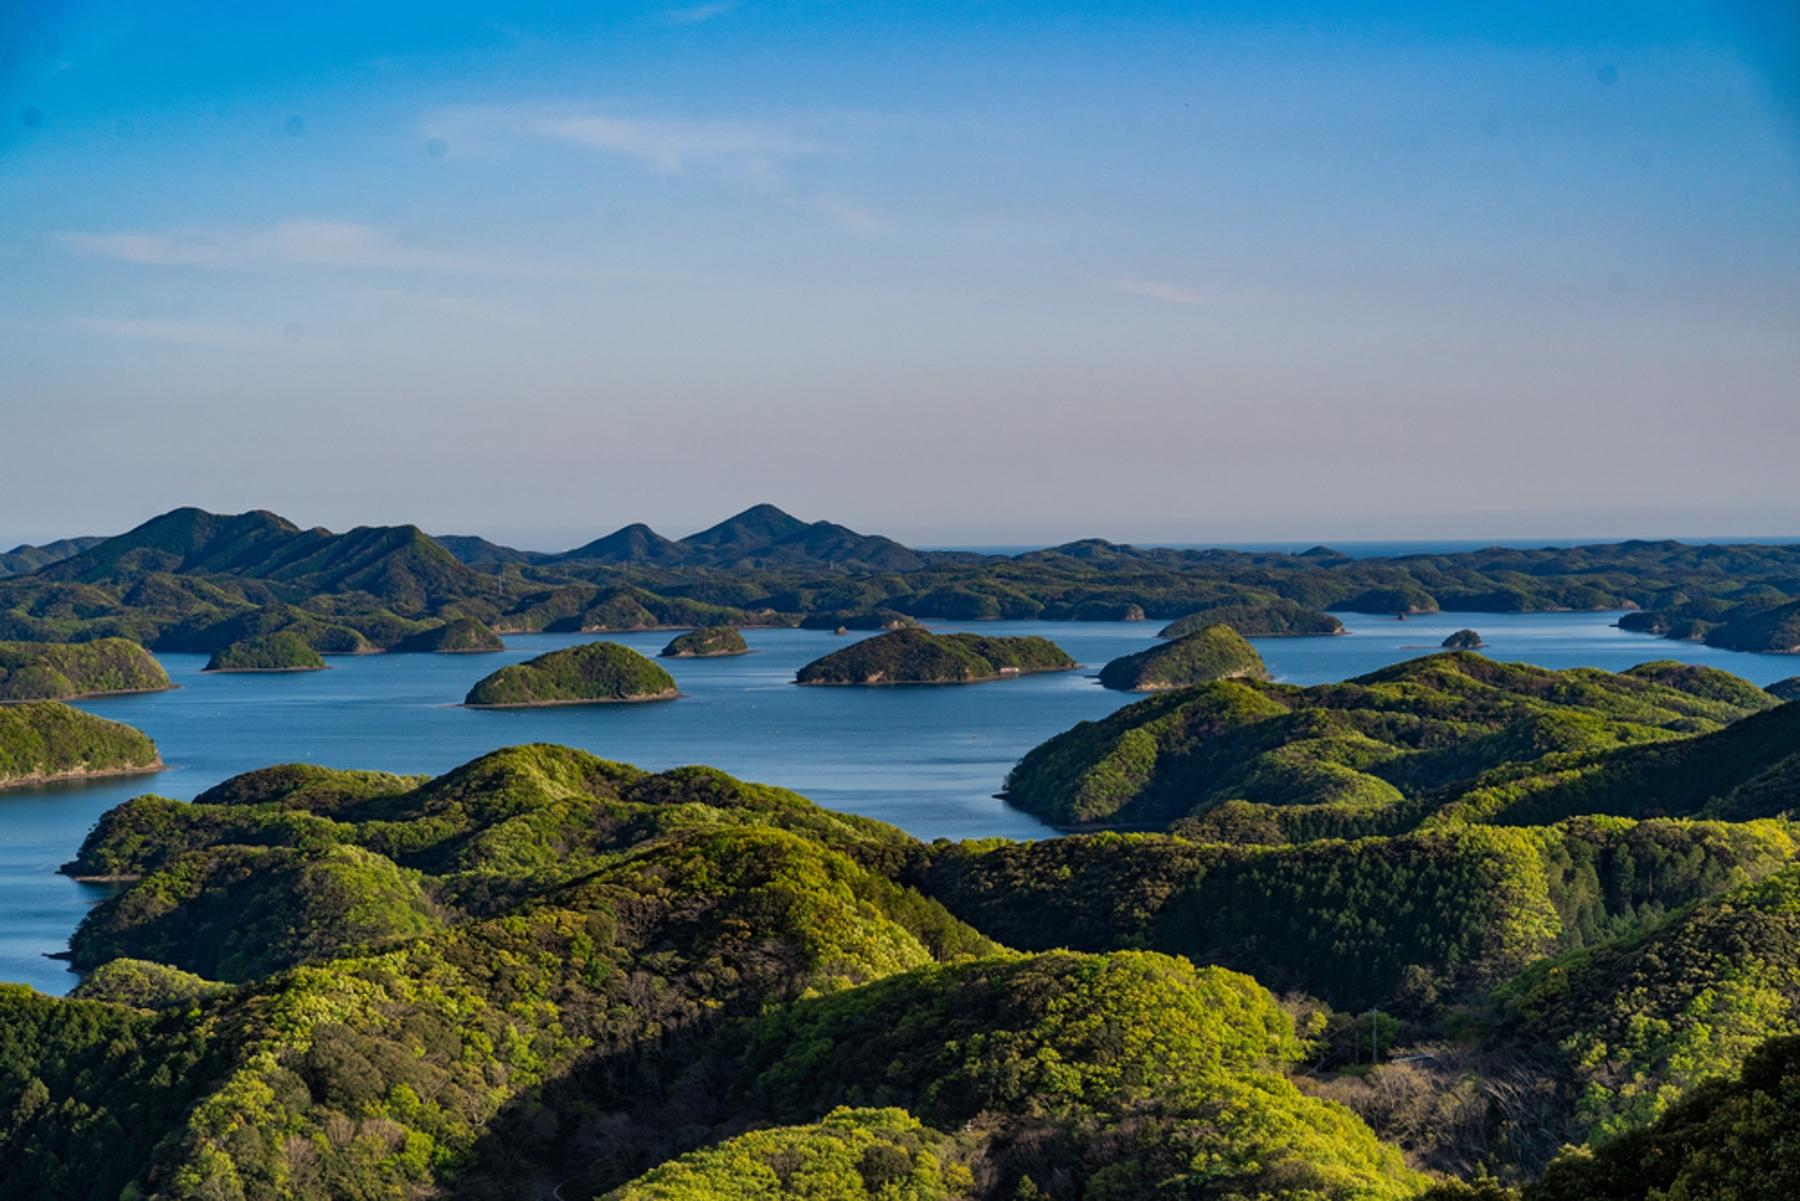 長崎県 壱岐対馬国定公園に指定されている絶景が広がる浅茅湾